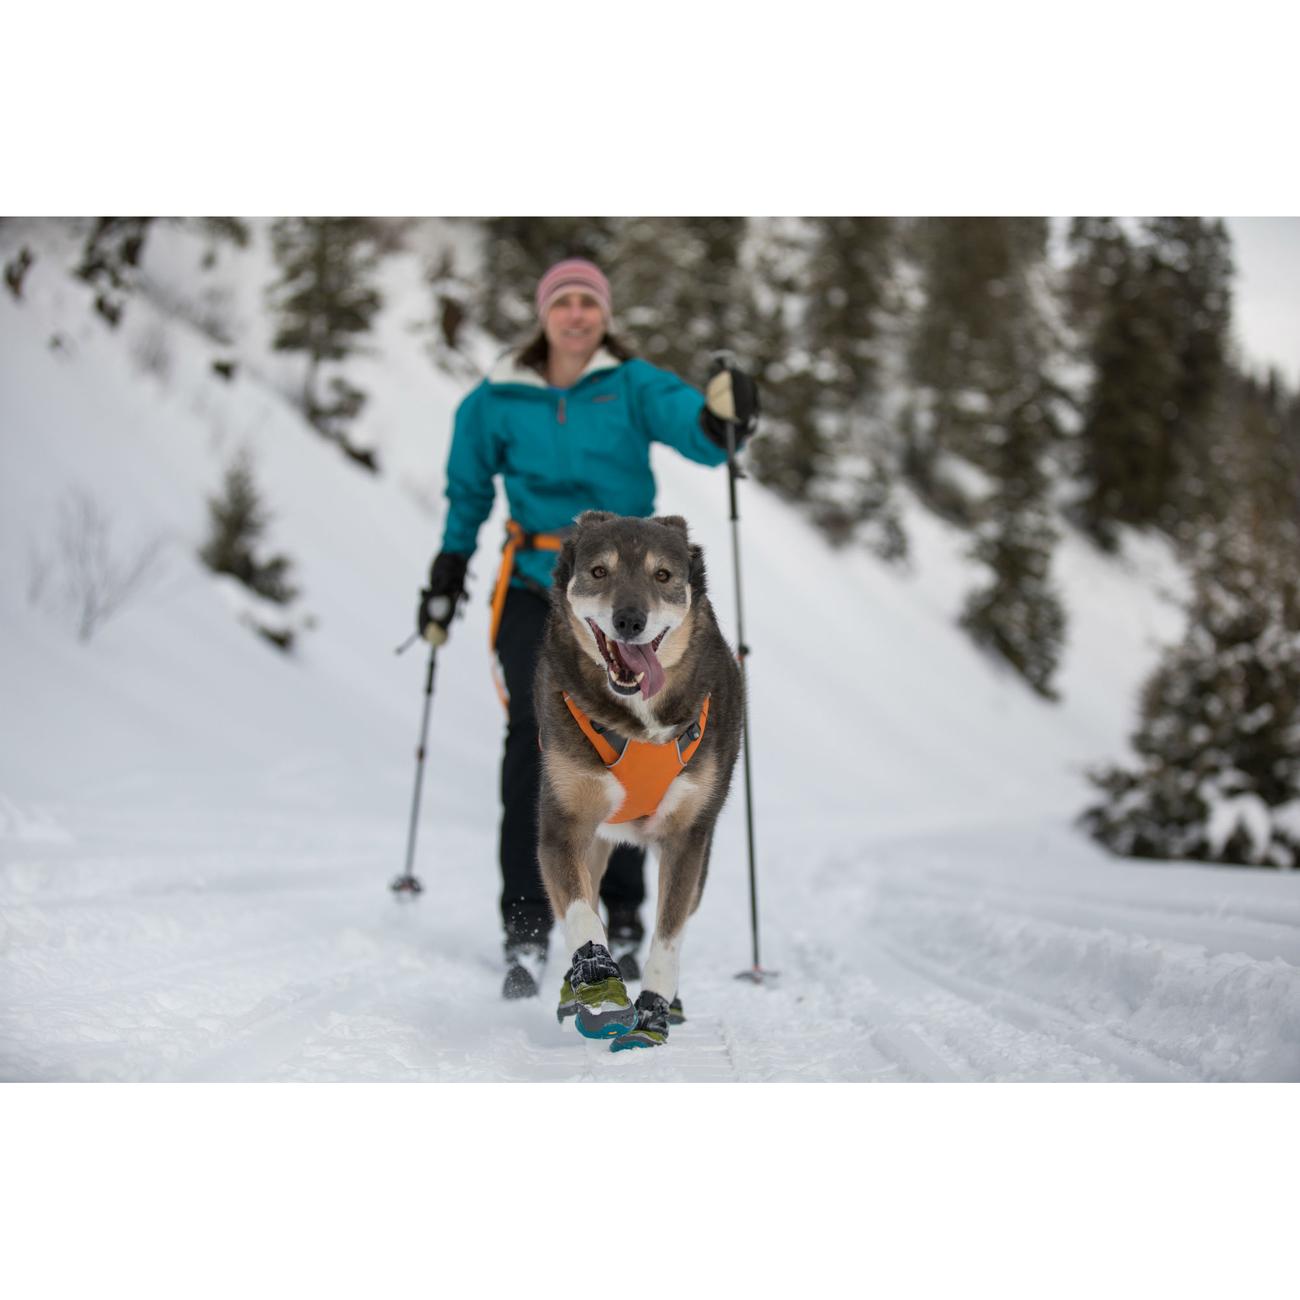 Ruffwear Omnijore™ Joring System Zuggeschirr für Hunde, Bild 6